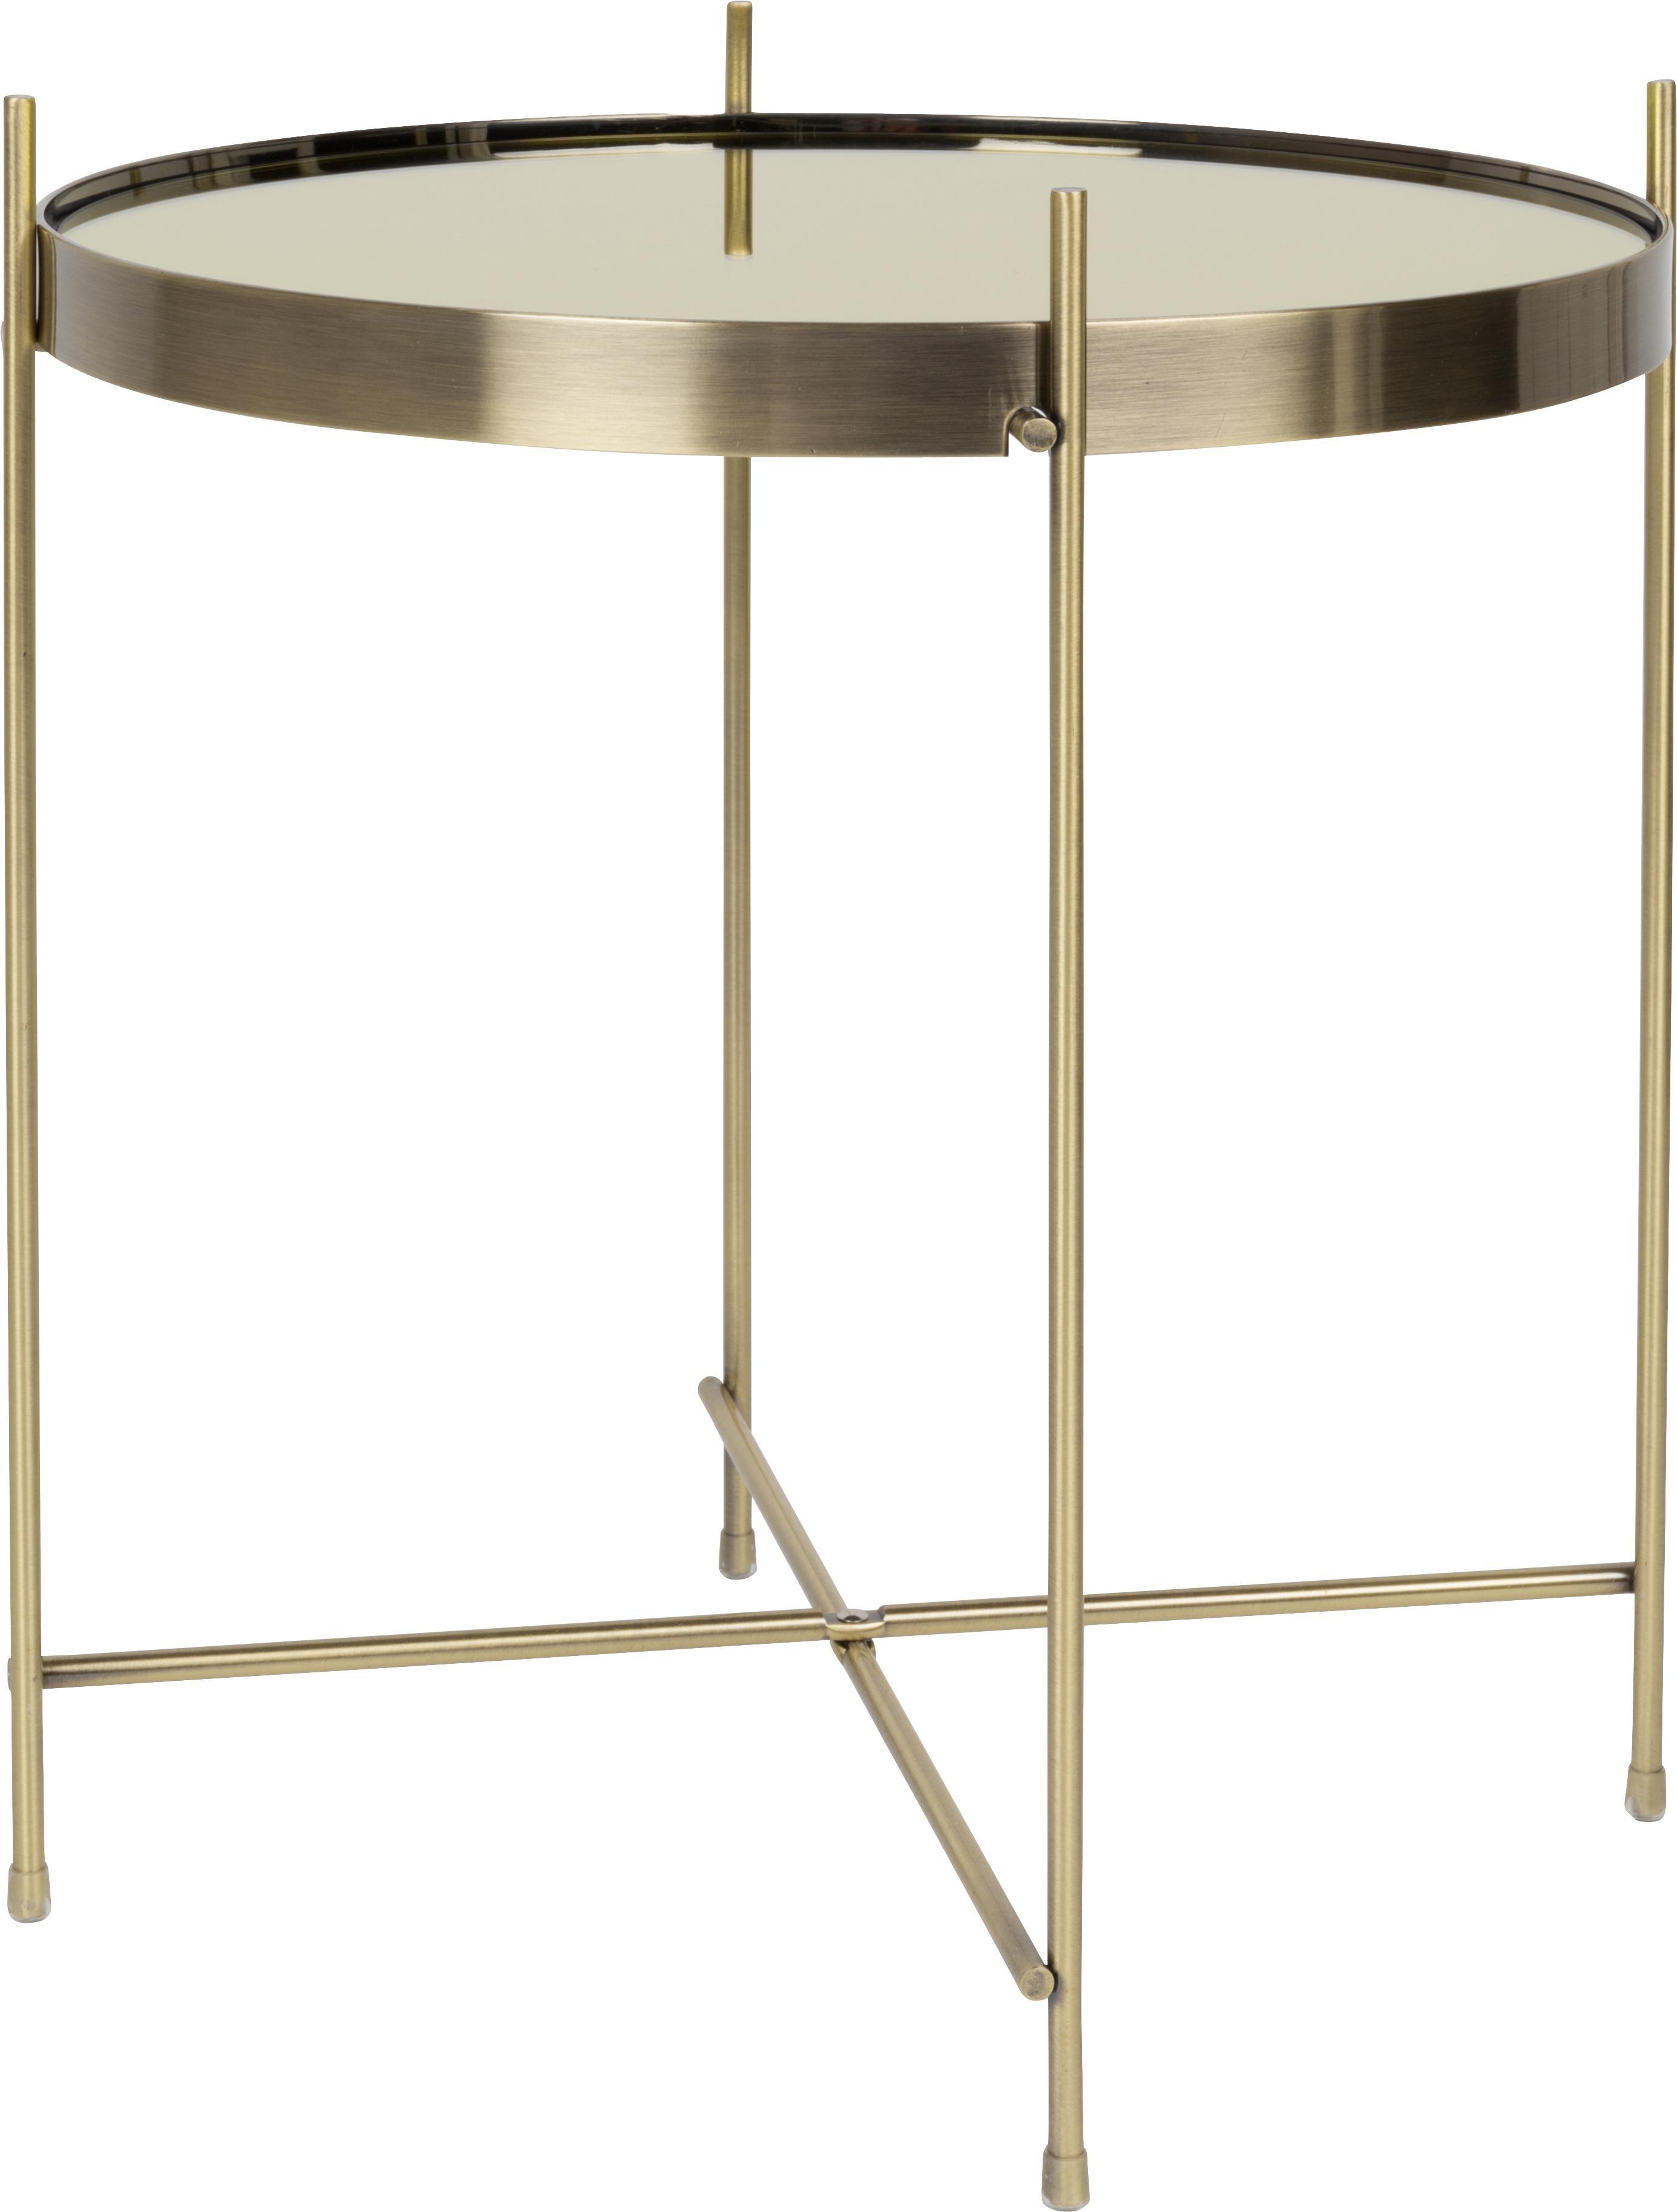 Mesa auxiliar con bandeja de cristal extraíble Cupid, Estructura: metal, pintura en polvo, Tablero: espejo de cristal, pintad, Dorado, Ø 43 x Al 45 cm